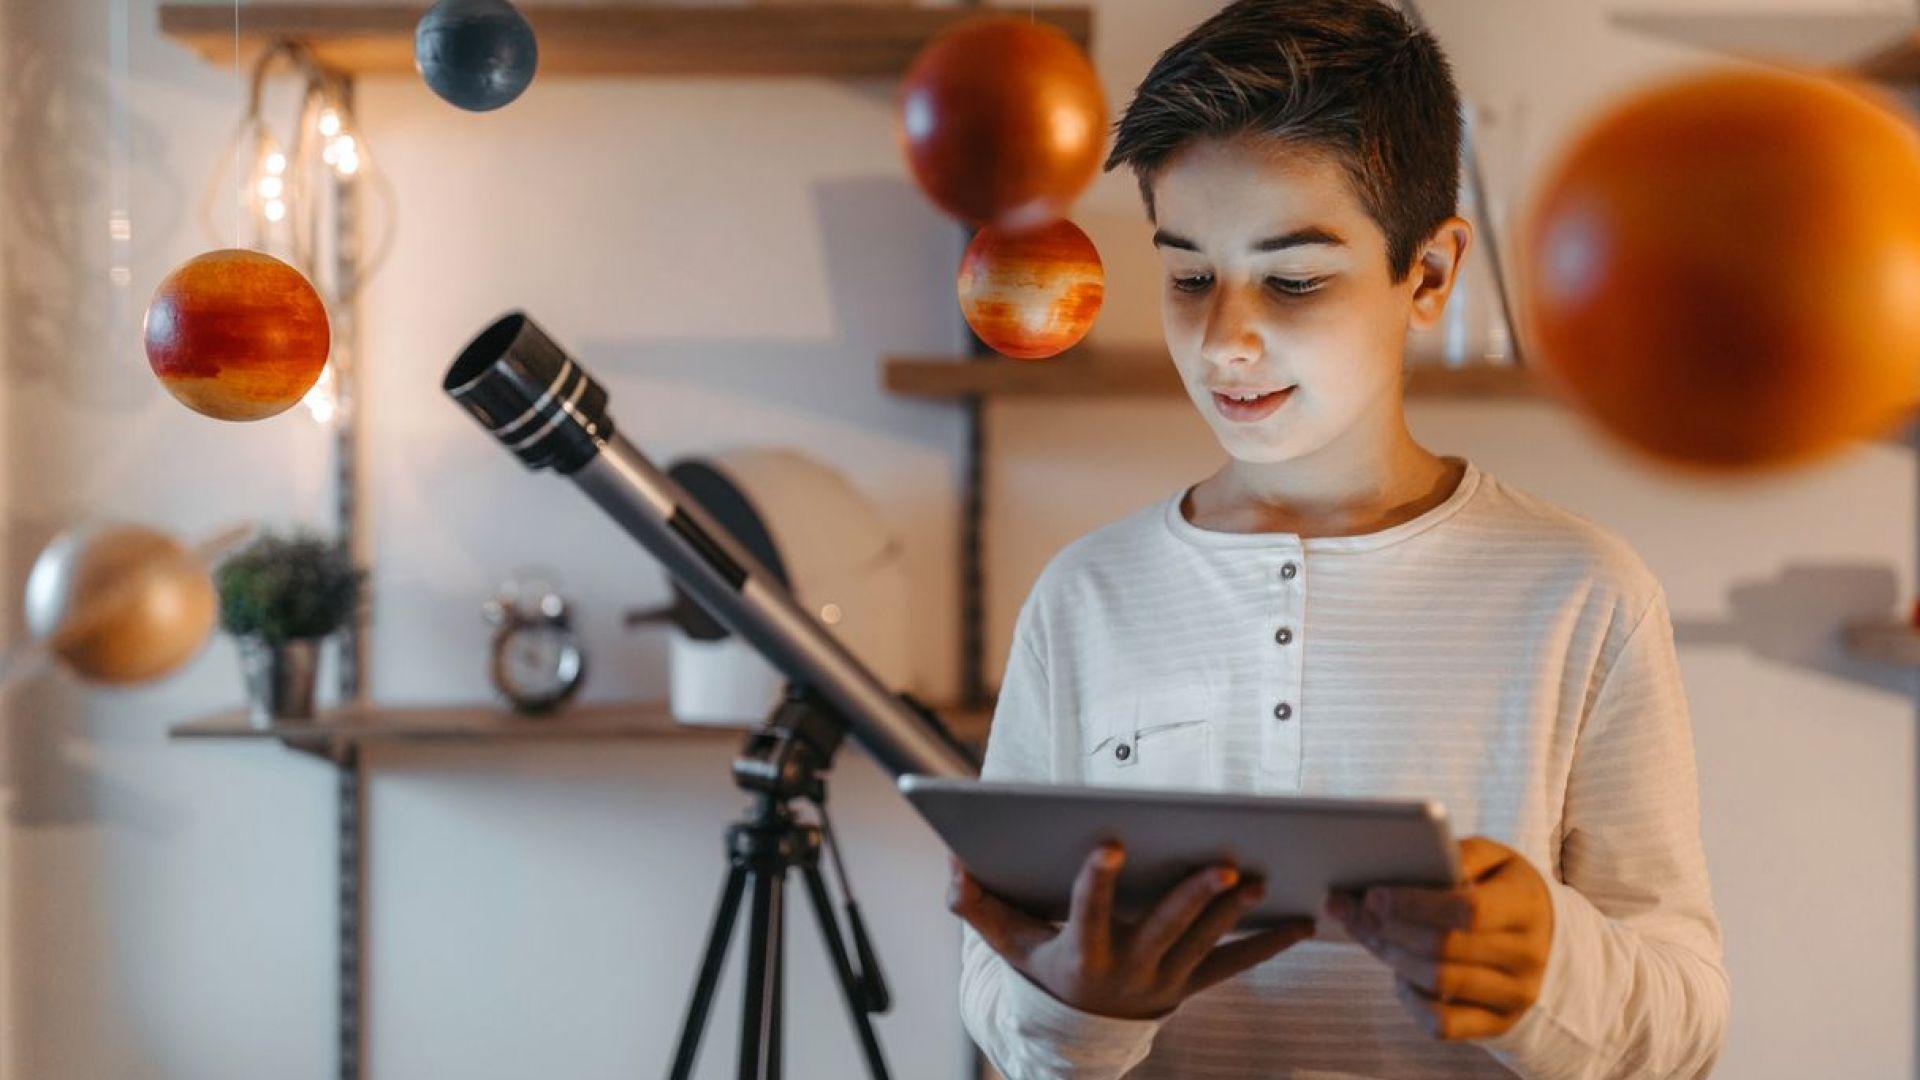 Професиите на бъдещето: към какво да насочим децата си